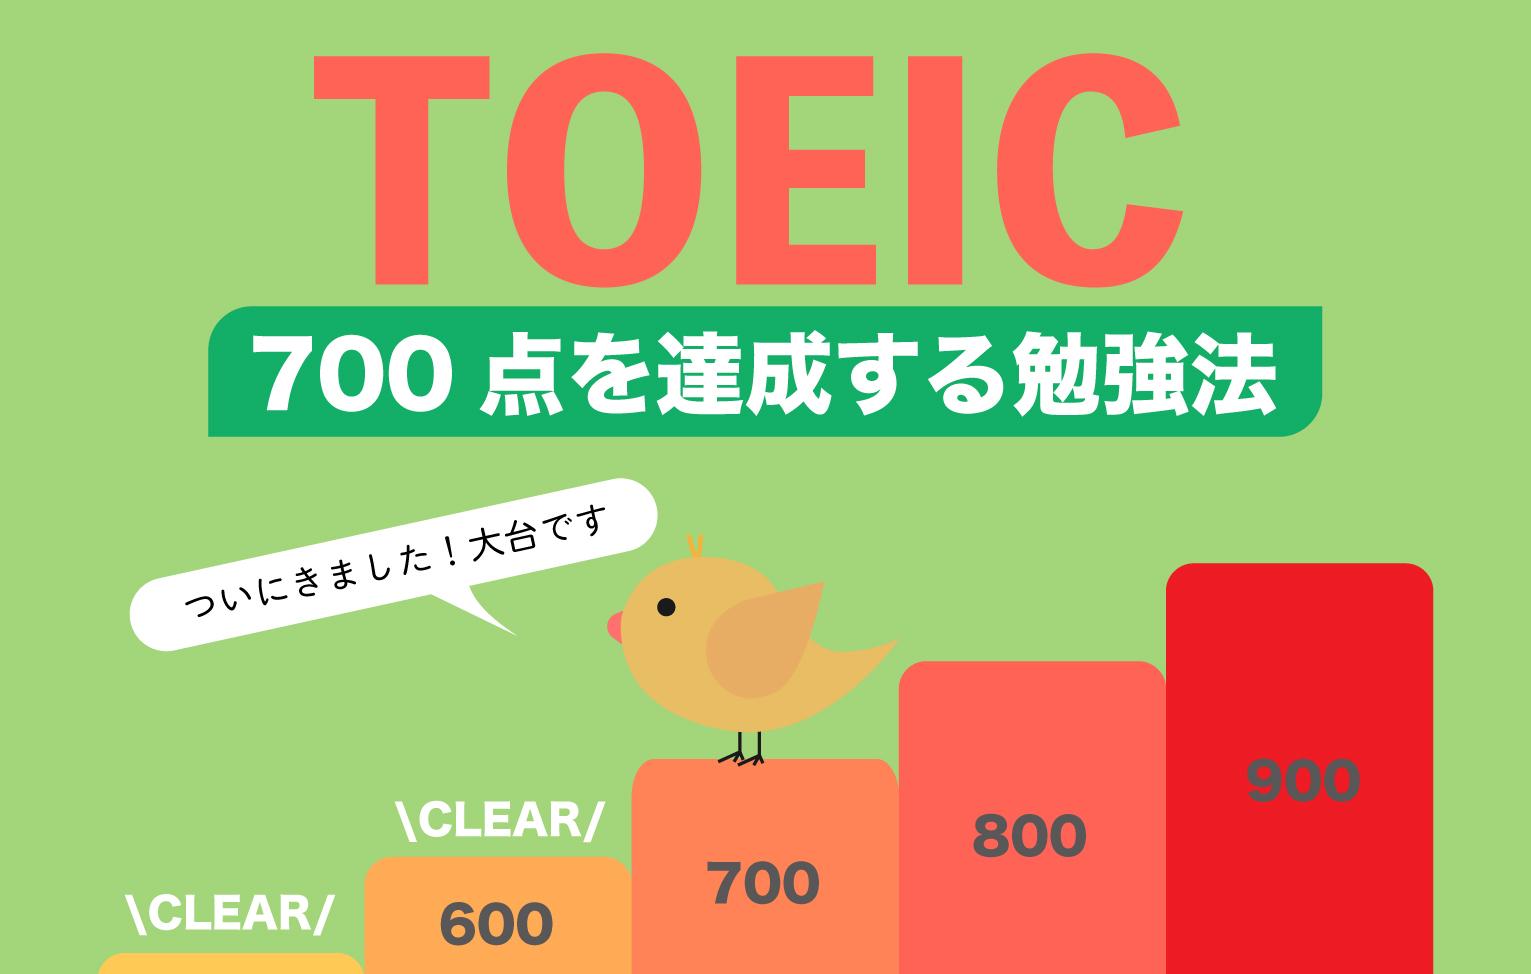 TOEIC700点を達成するための勉強法【ついに大台!】